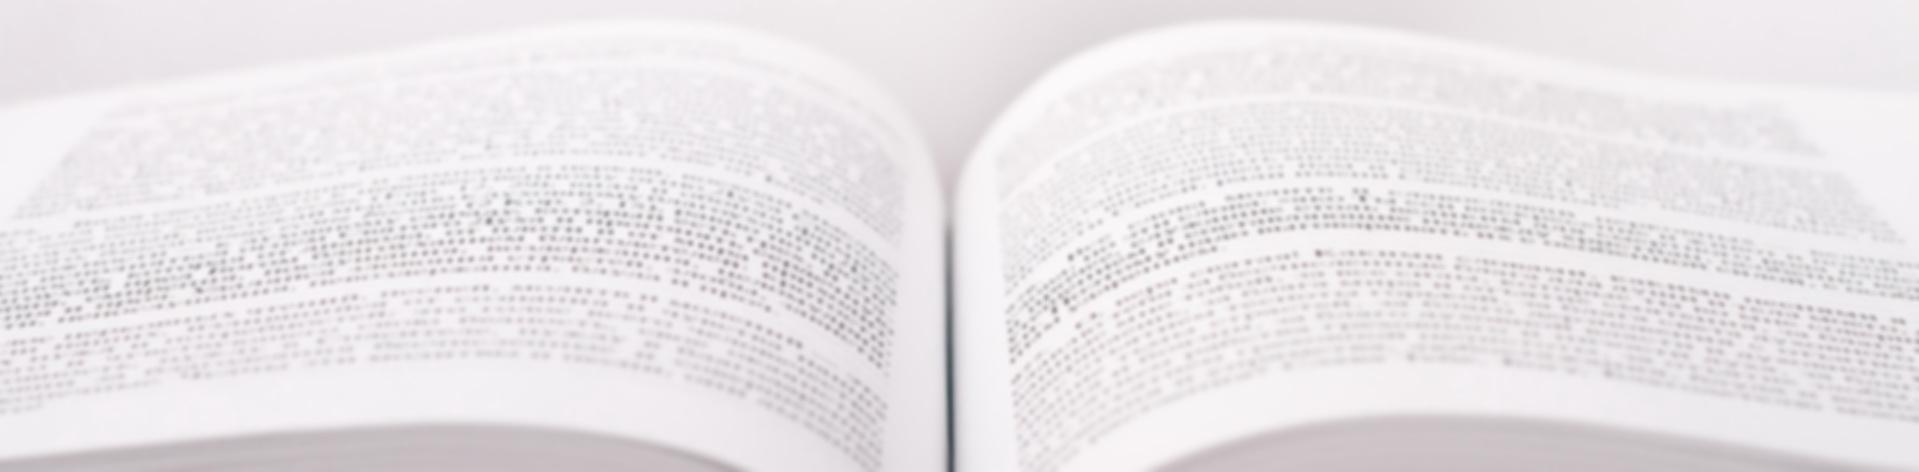 book-1261800_1920_BA